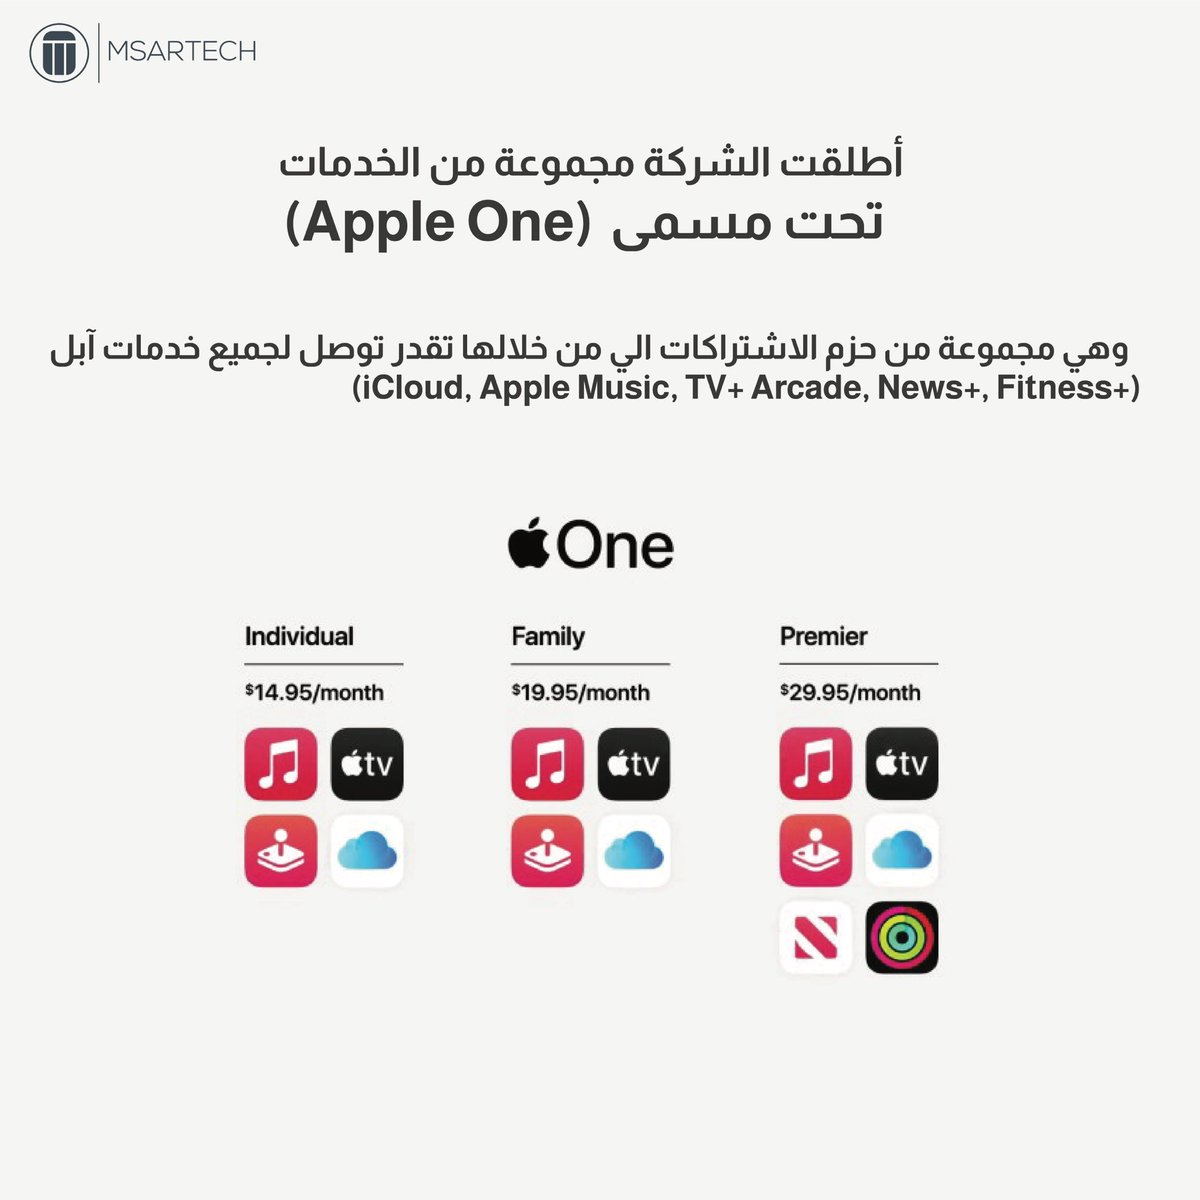 وطبعاً ما ننسى المجموعة الجديدة والمميزة اللي طُرحت في #مؤتمر_آبل ، #appleone اللي تخليك توصل لكل الخدمان بطريقة سهلة ✨. - شو رايكم في هالميزة 🤩🔥؟!  #AppleEvent #iOS14  #مسارتك https://t.co/YC9qBCaQb4